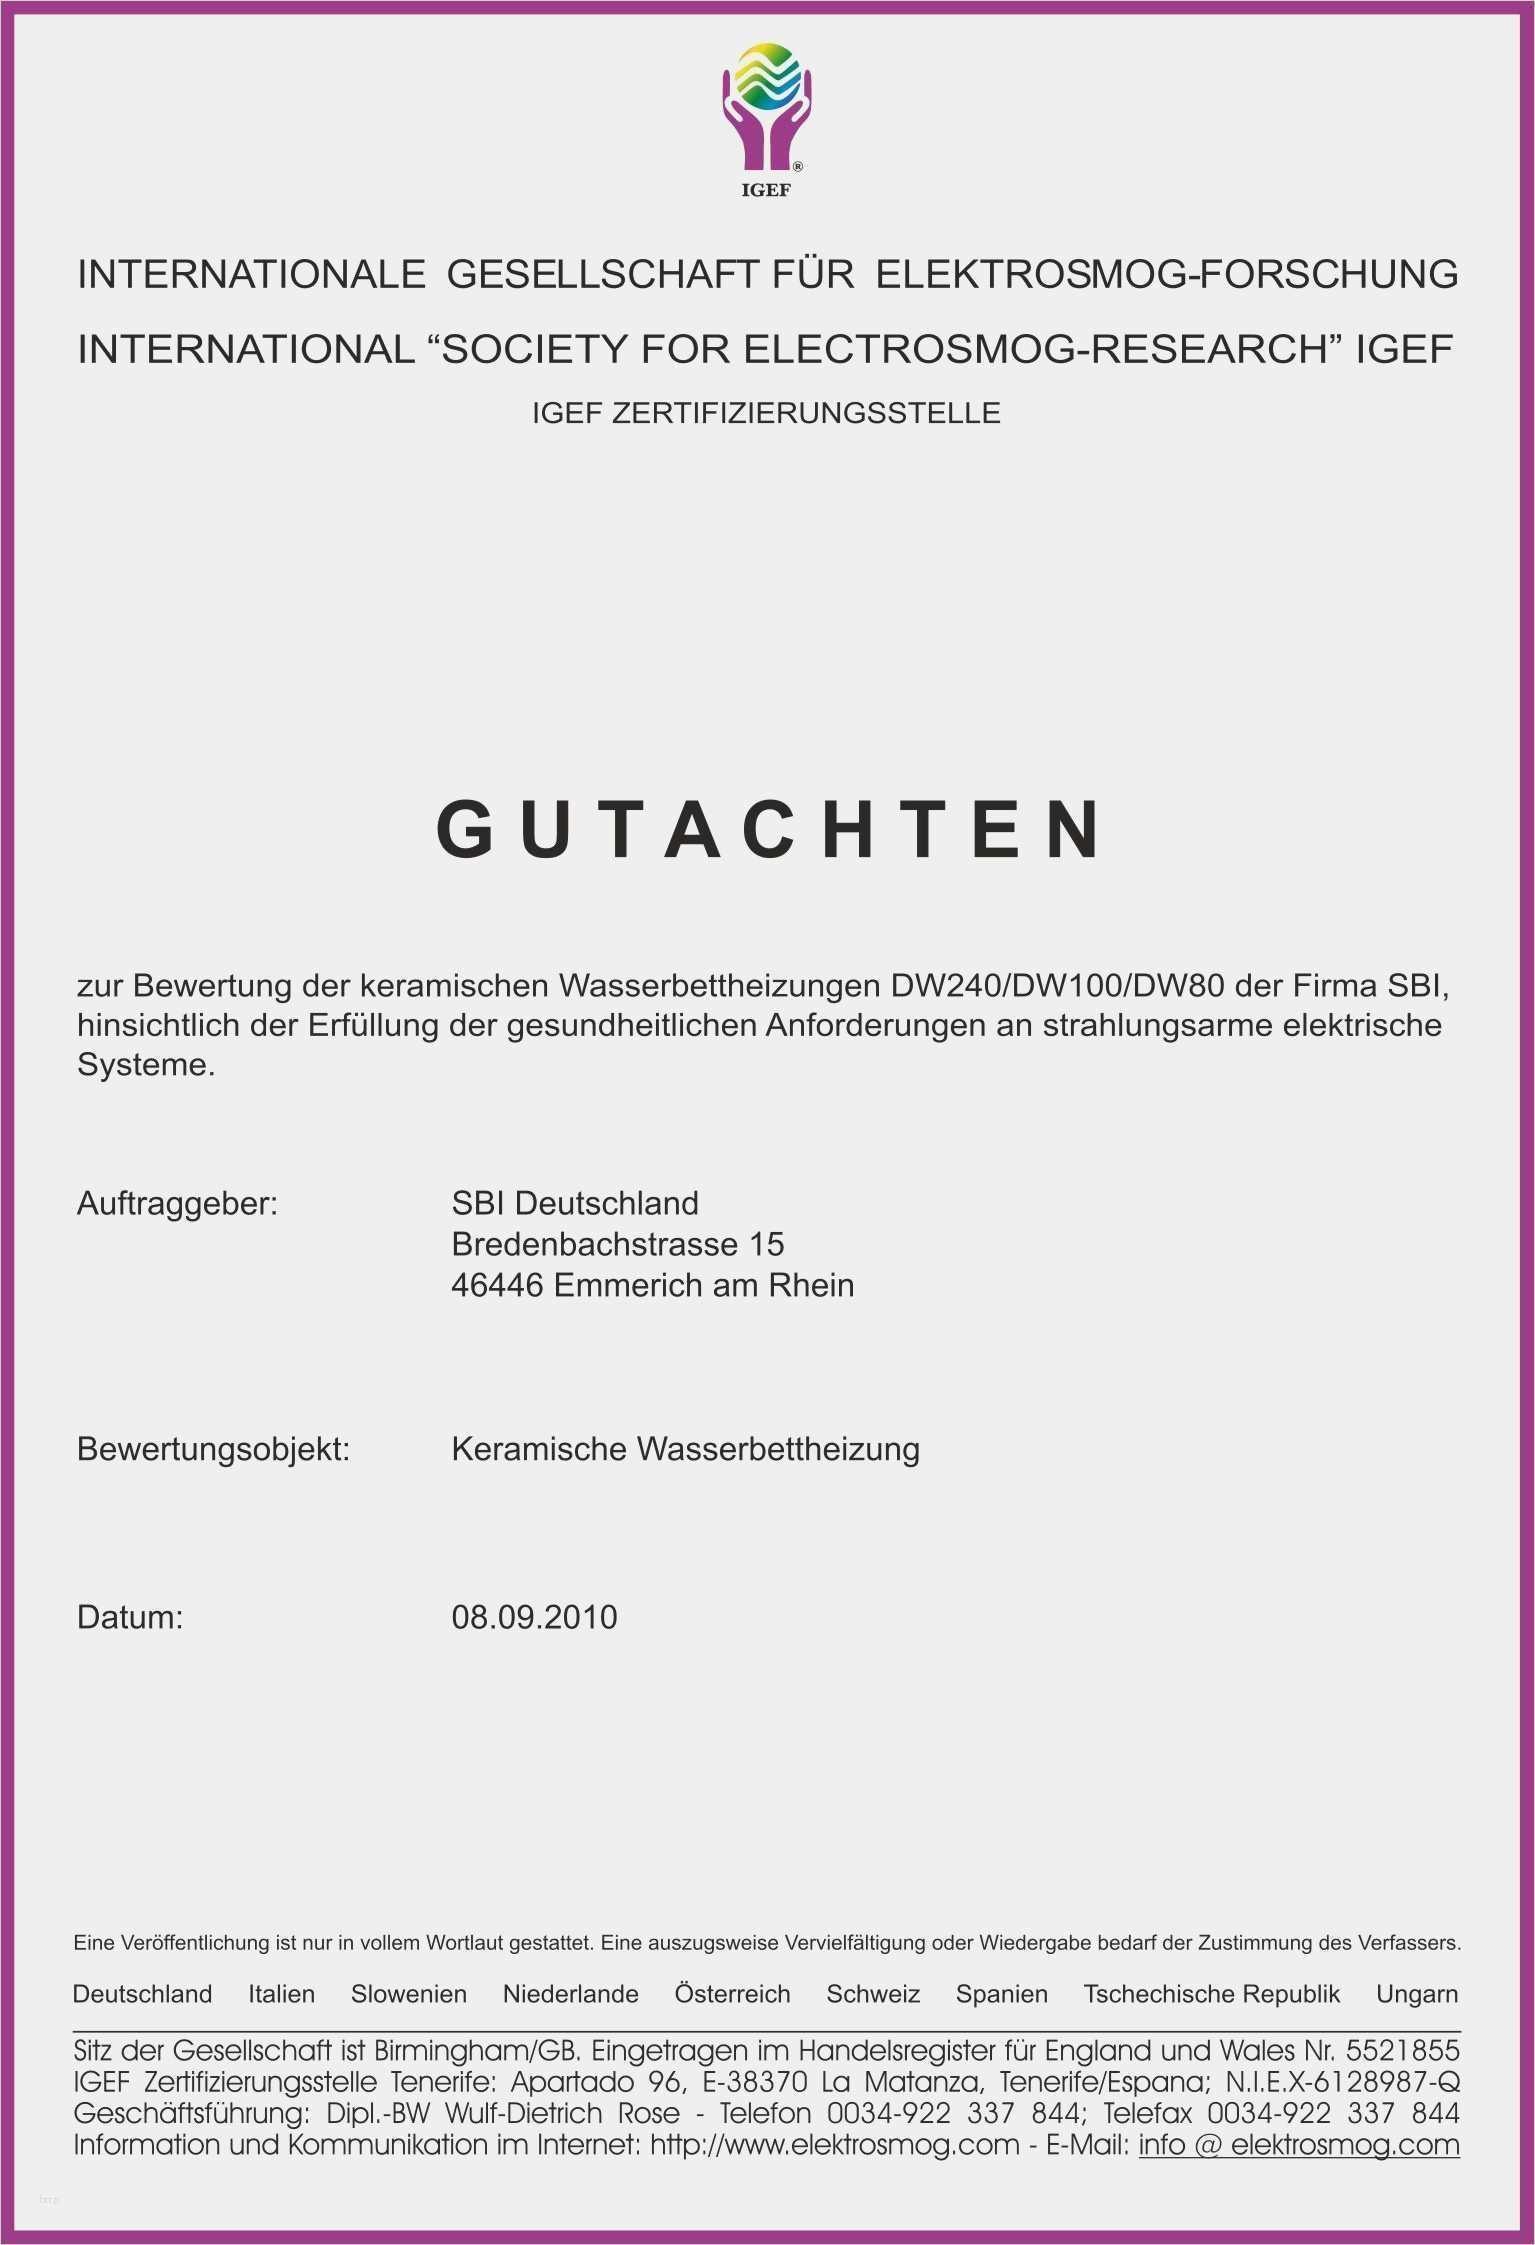 33 Hubsch Kfz Gutachten Vorlage Bilder Empfehlungsschreiben Vorlagen Lebenslauf Vorlagen Word